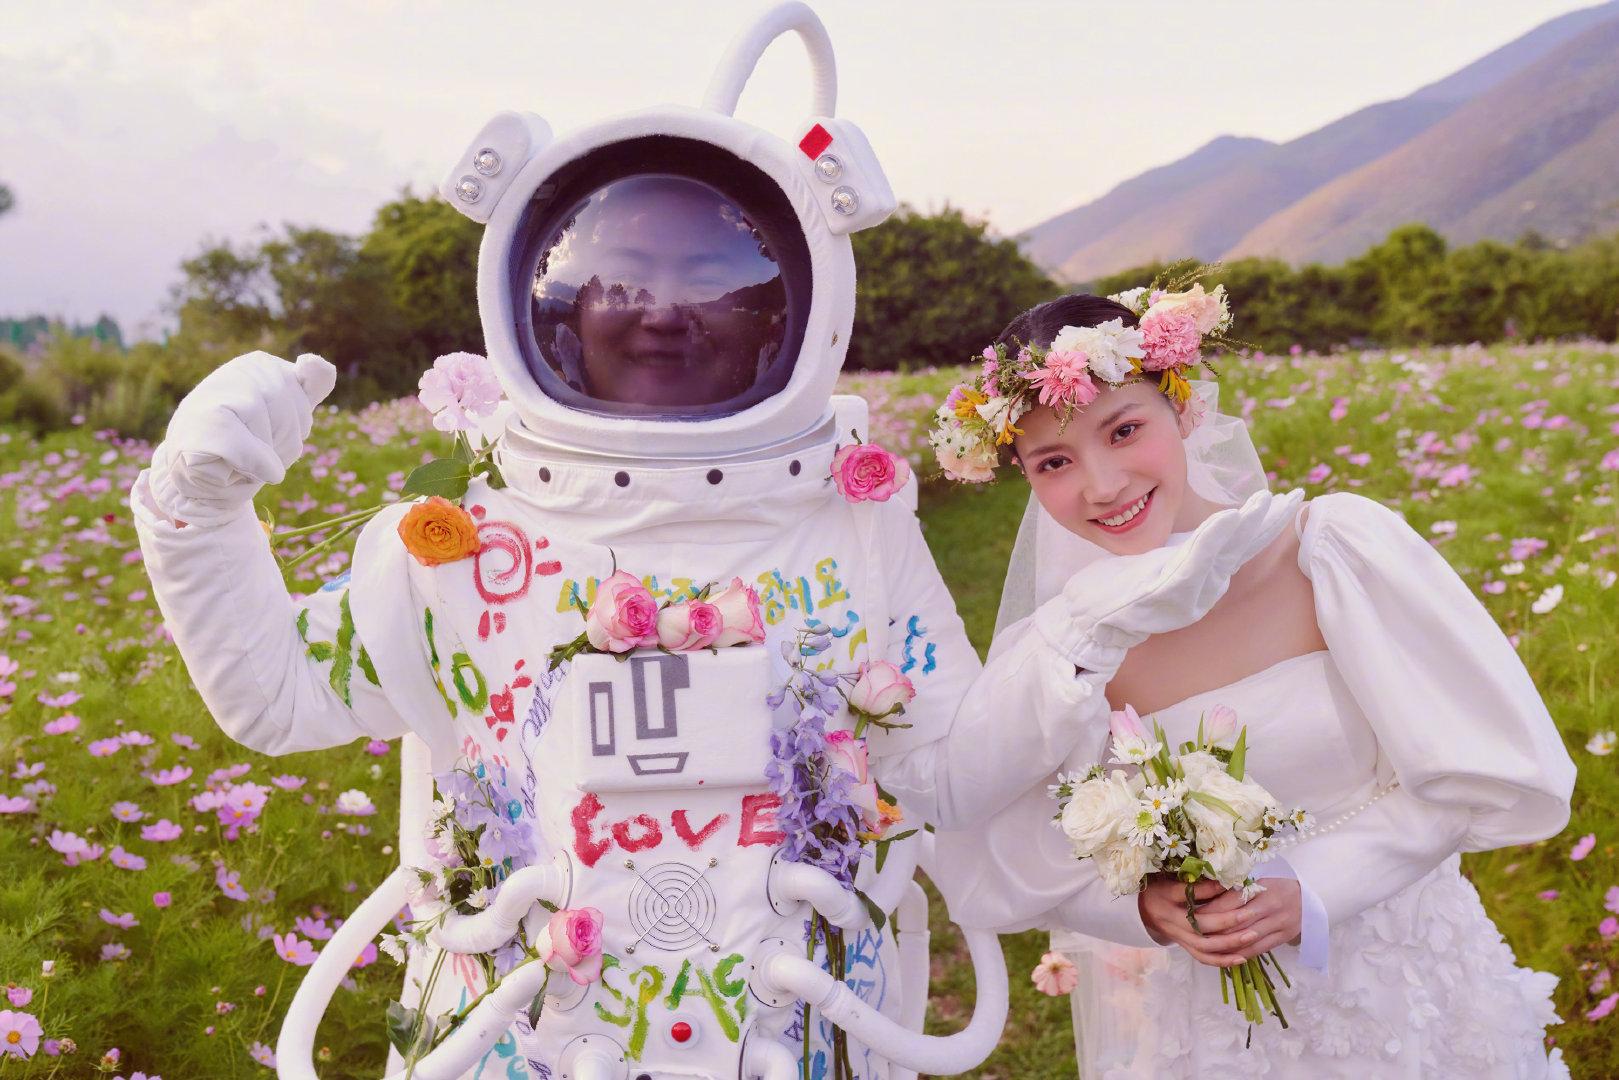 铂爵旅拍丽江婚纱摄影 总算实现了多年的婚纱照梦想